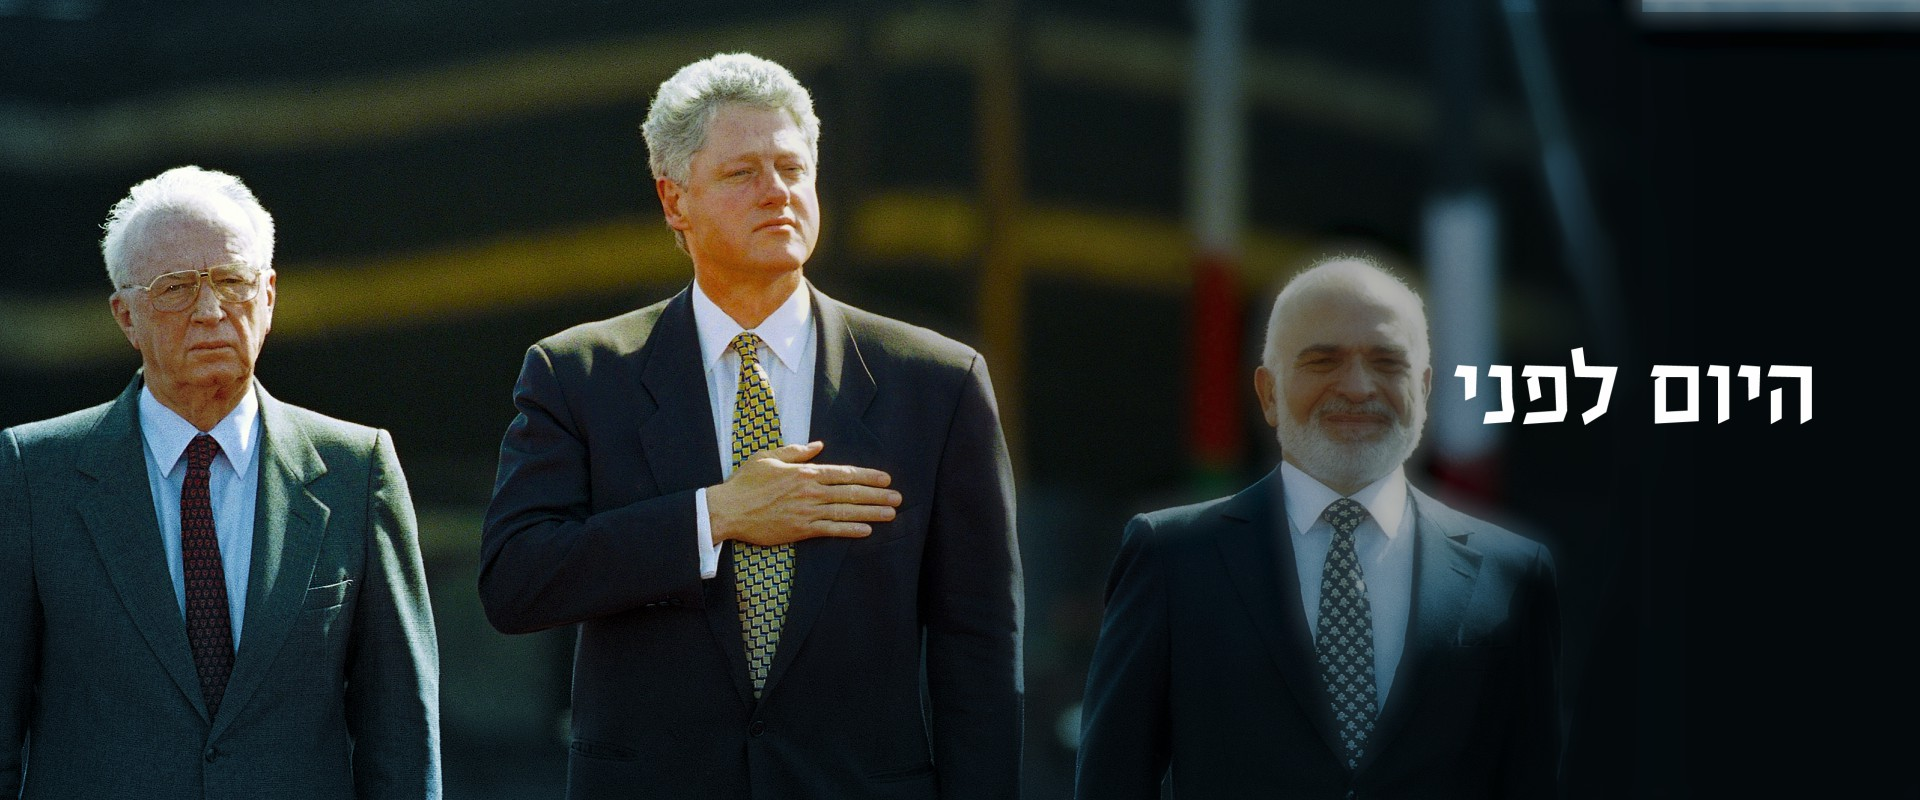 היום לפני: הסכם השלום עם ירדן